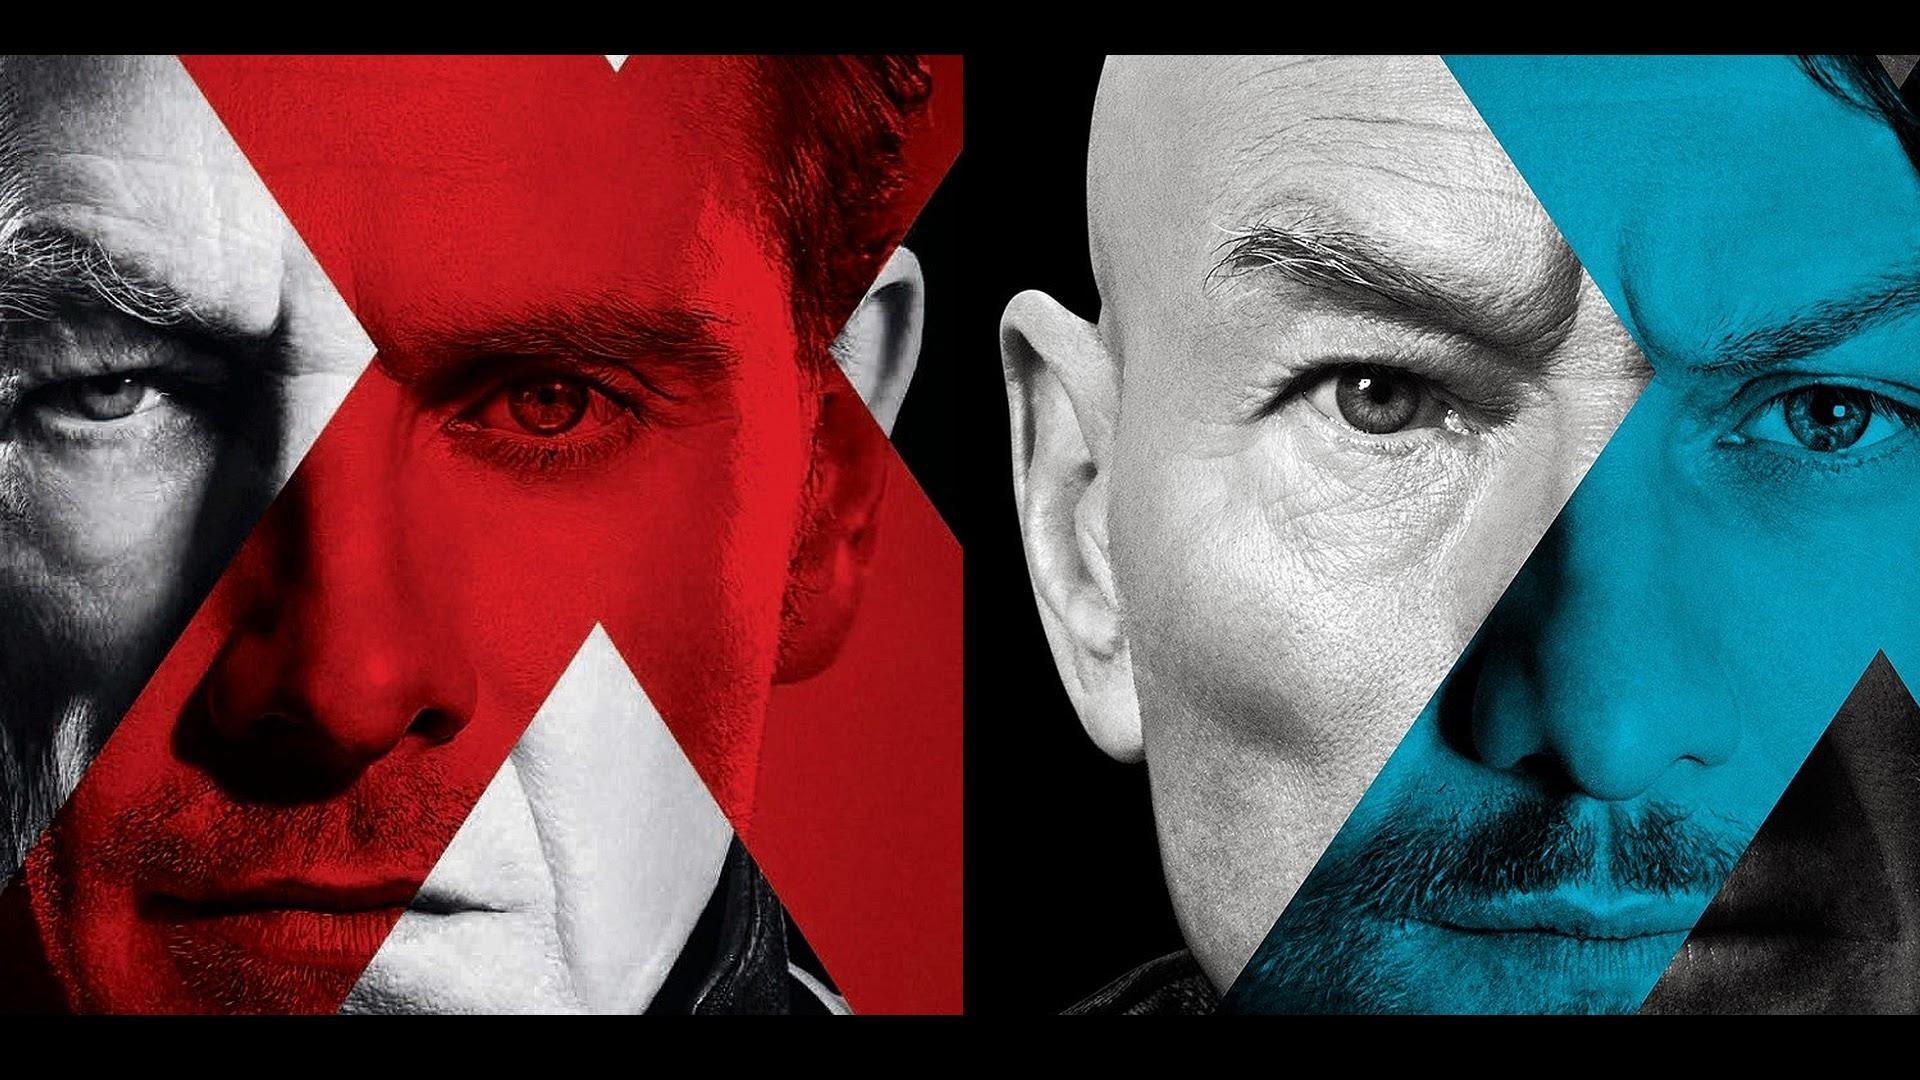 men days of future past 2014 movie magneto professor x hd wallpaper    X Men Days Of Future Past Professor X